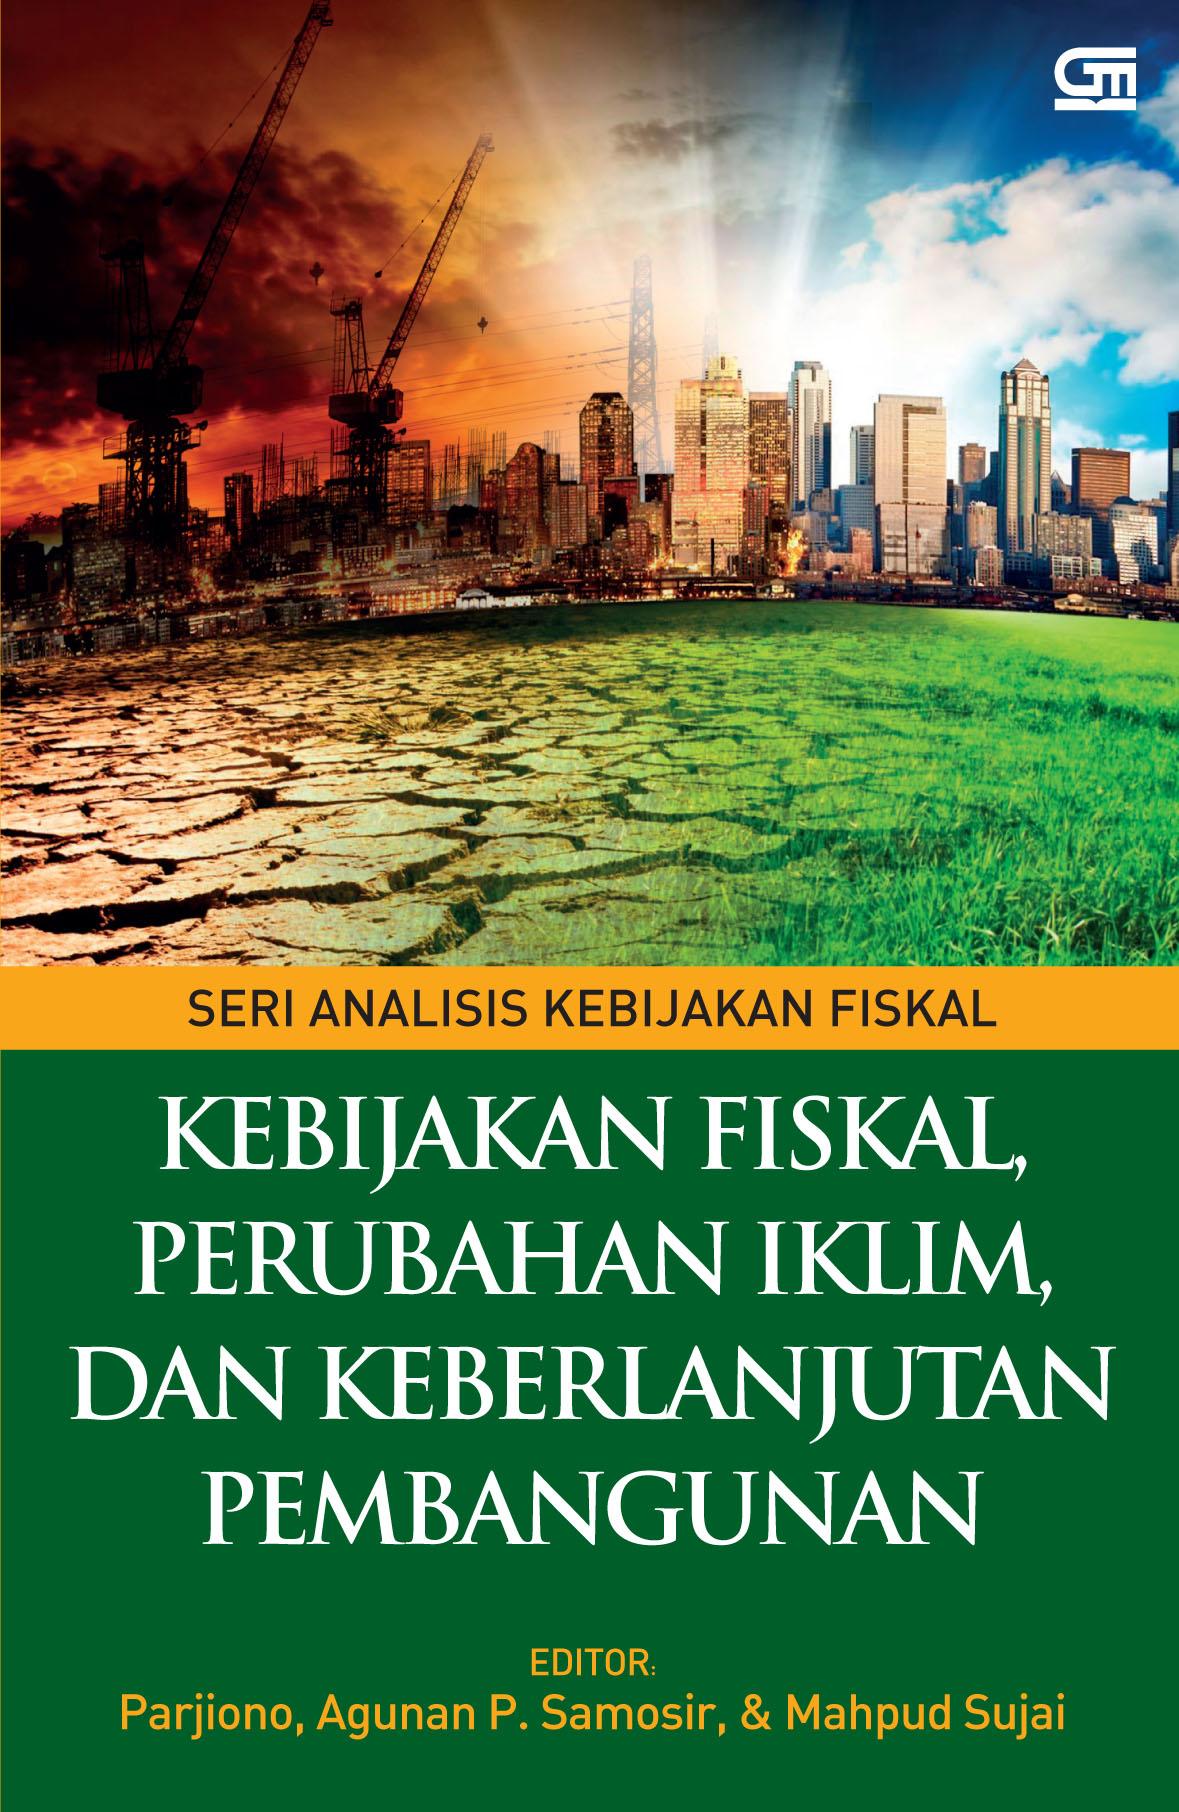 Kebijakan Fiskal, Perubahan Iklim, dan Keberlanjutkan Pembangunan